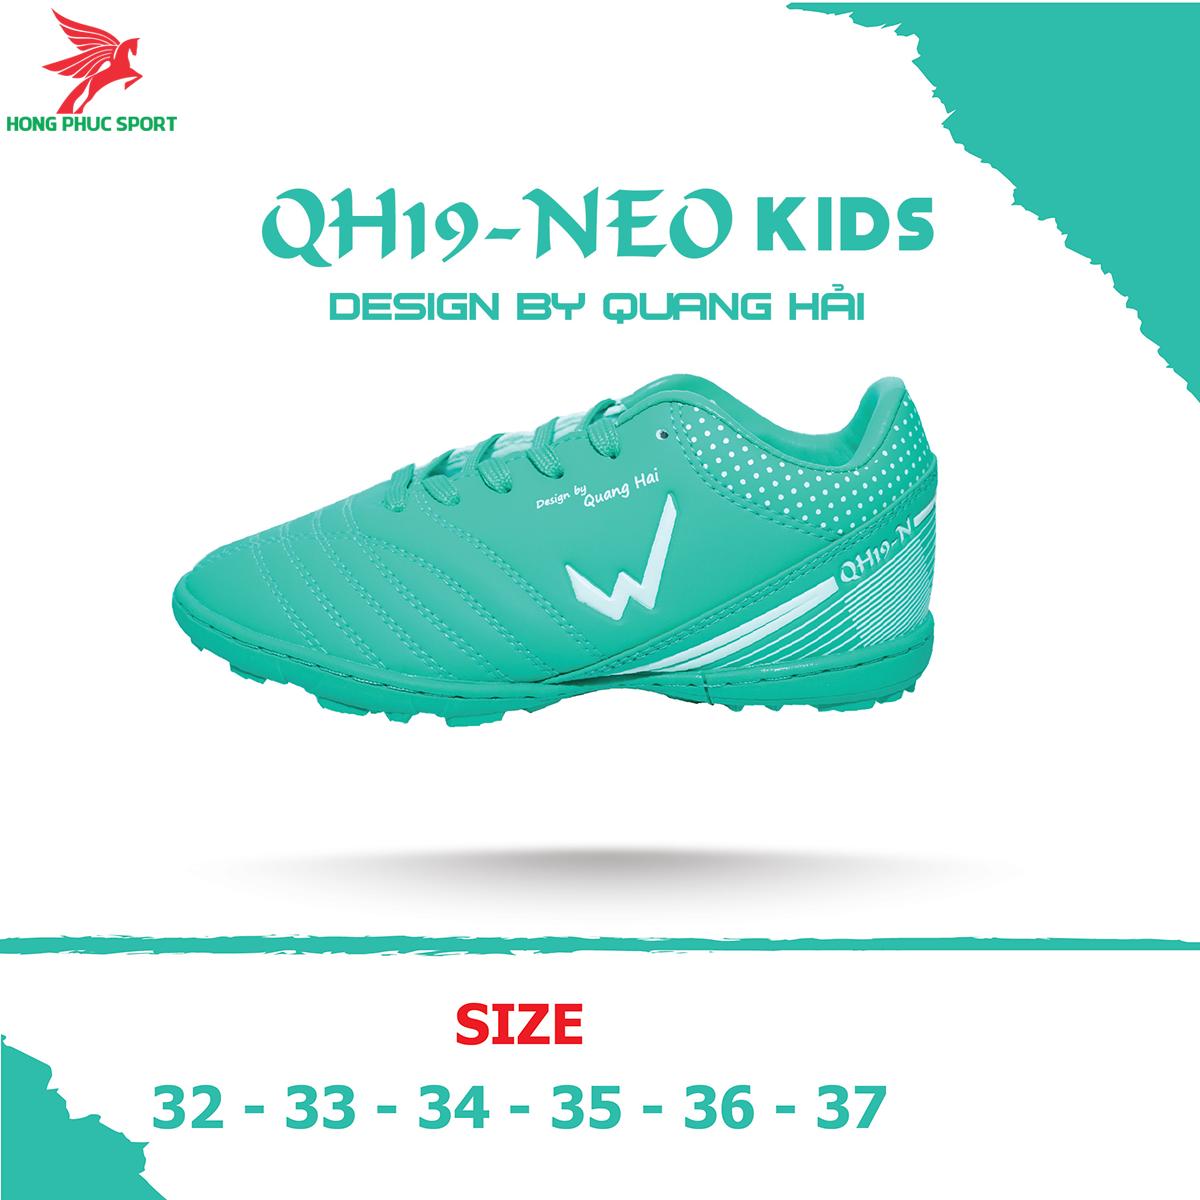 Giày đá banh Wika QH19 Neo Kids sân cỏ nhân tạo màu Xanh lam (2)